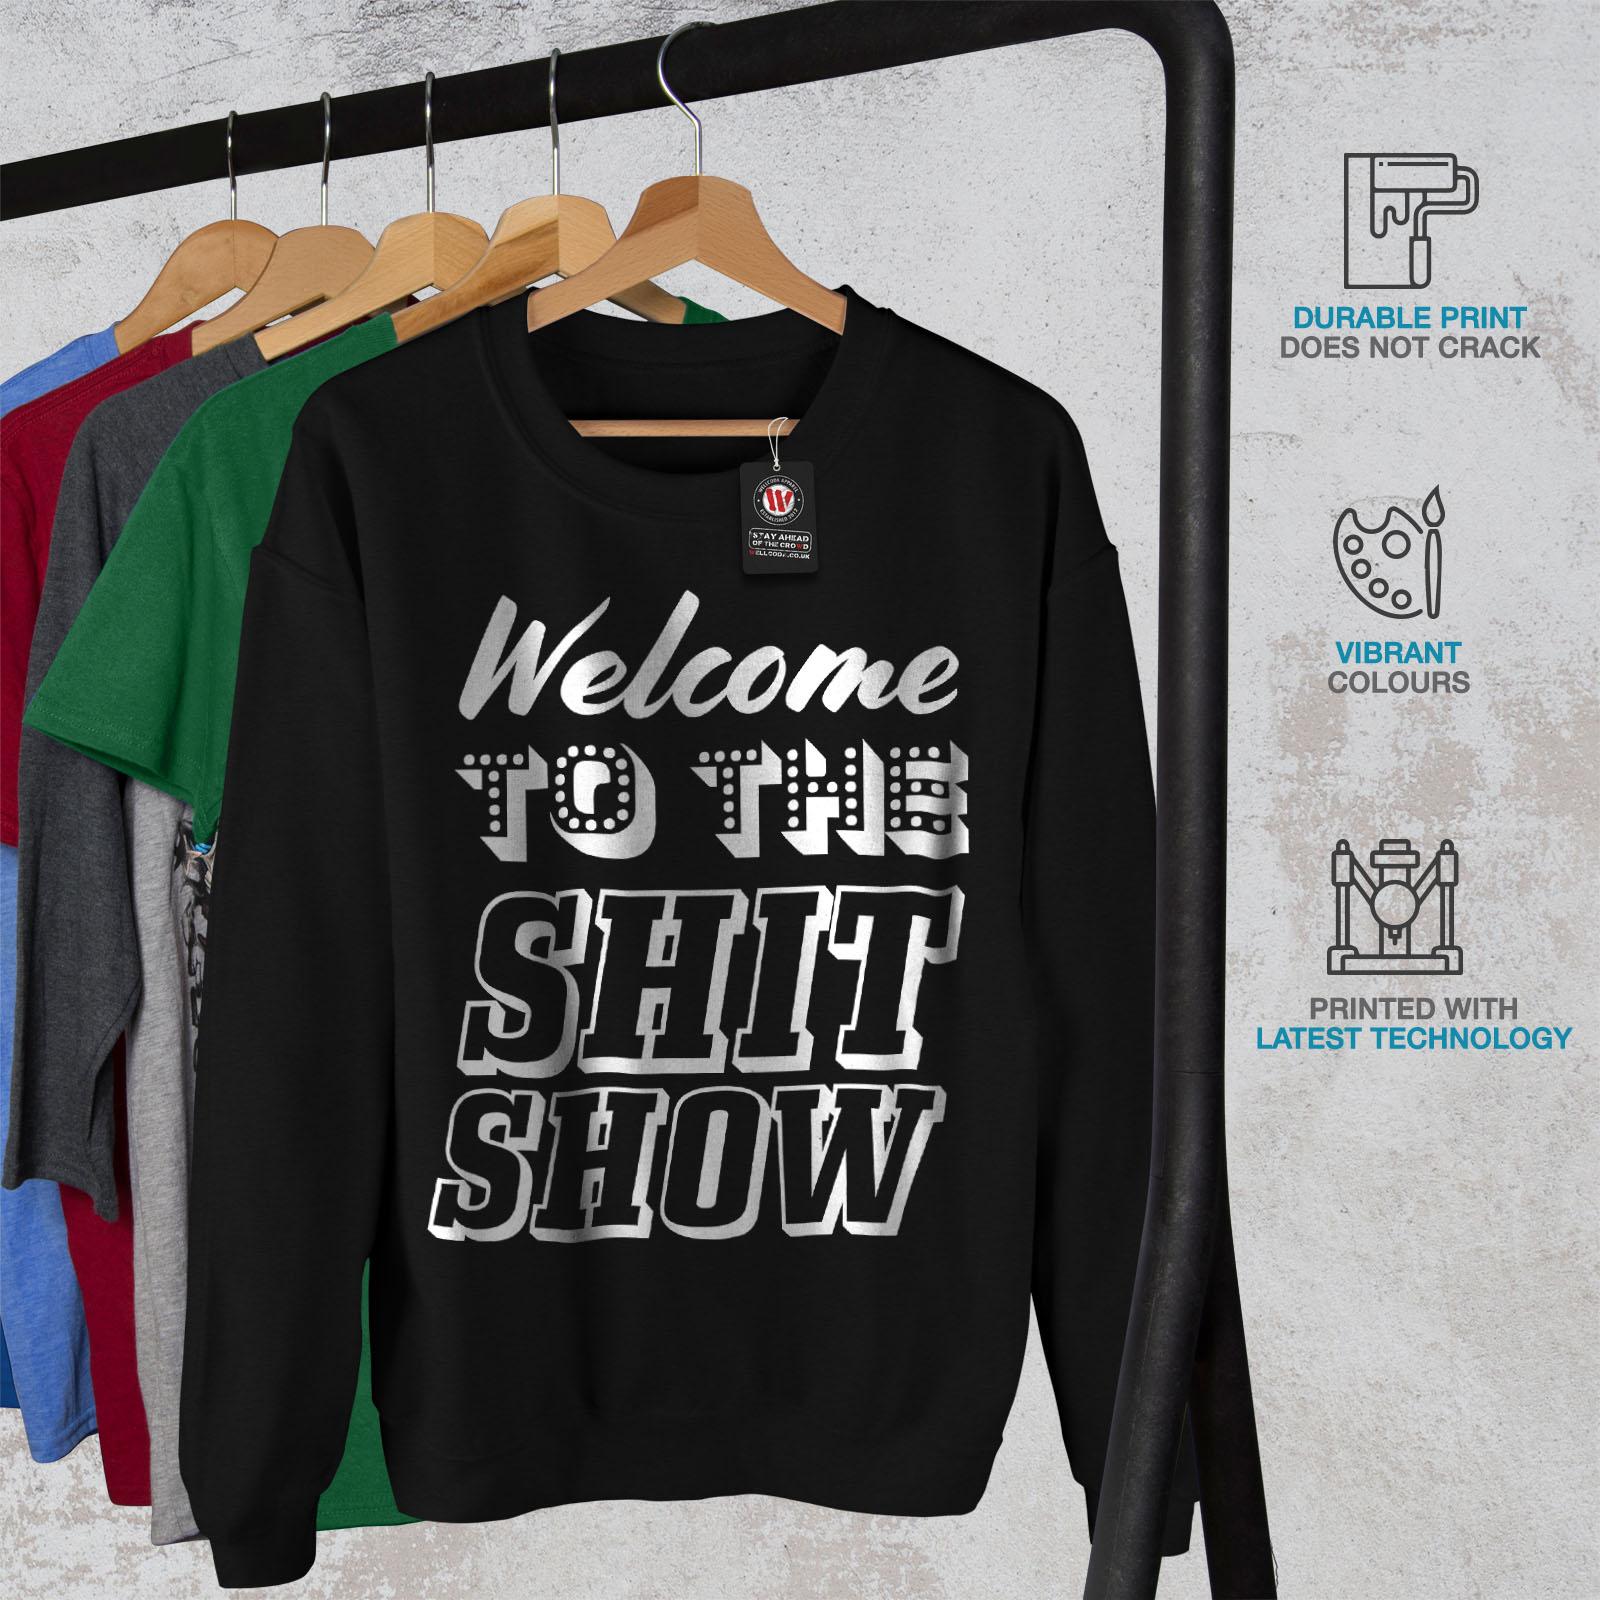 Wellcoda To pullover Welcome casual nero da uomodivertente pullover Town Felpa LqzpGjUMVS